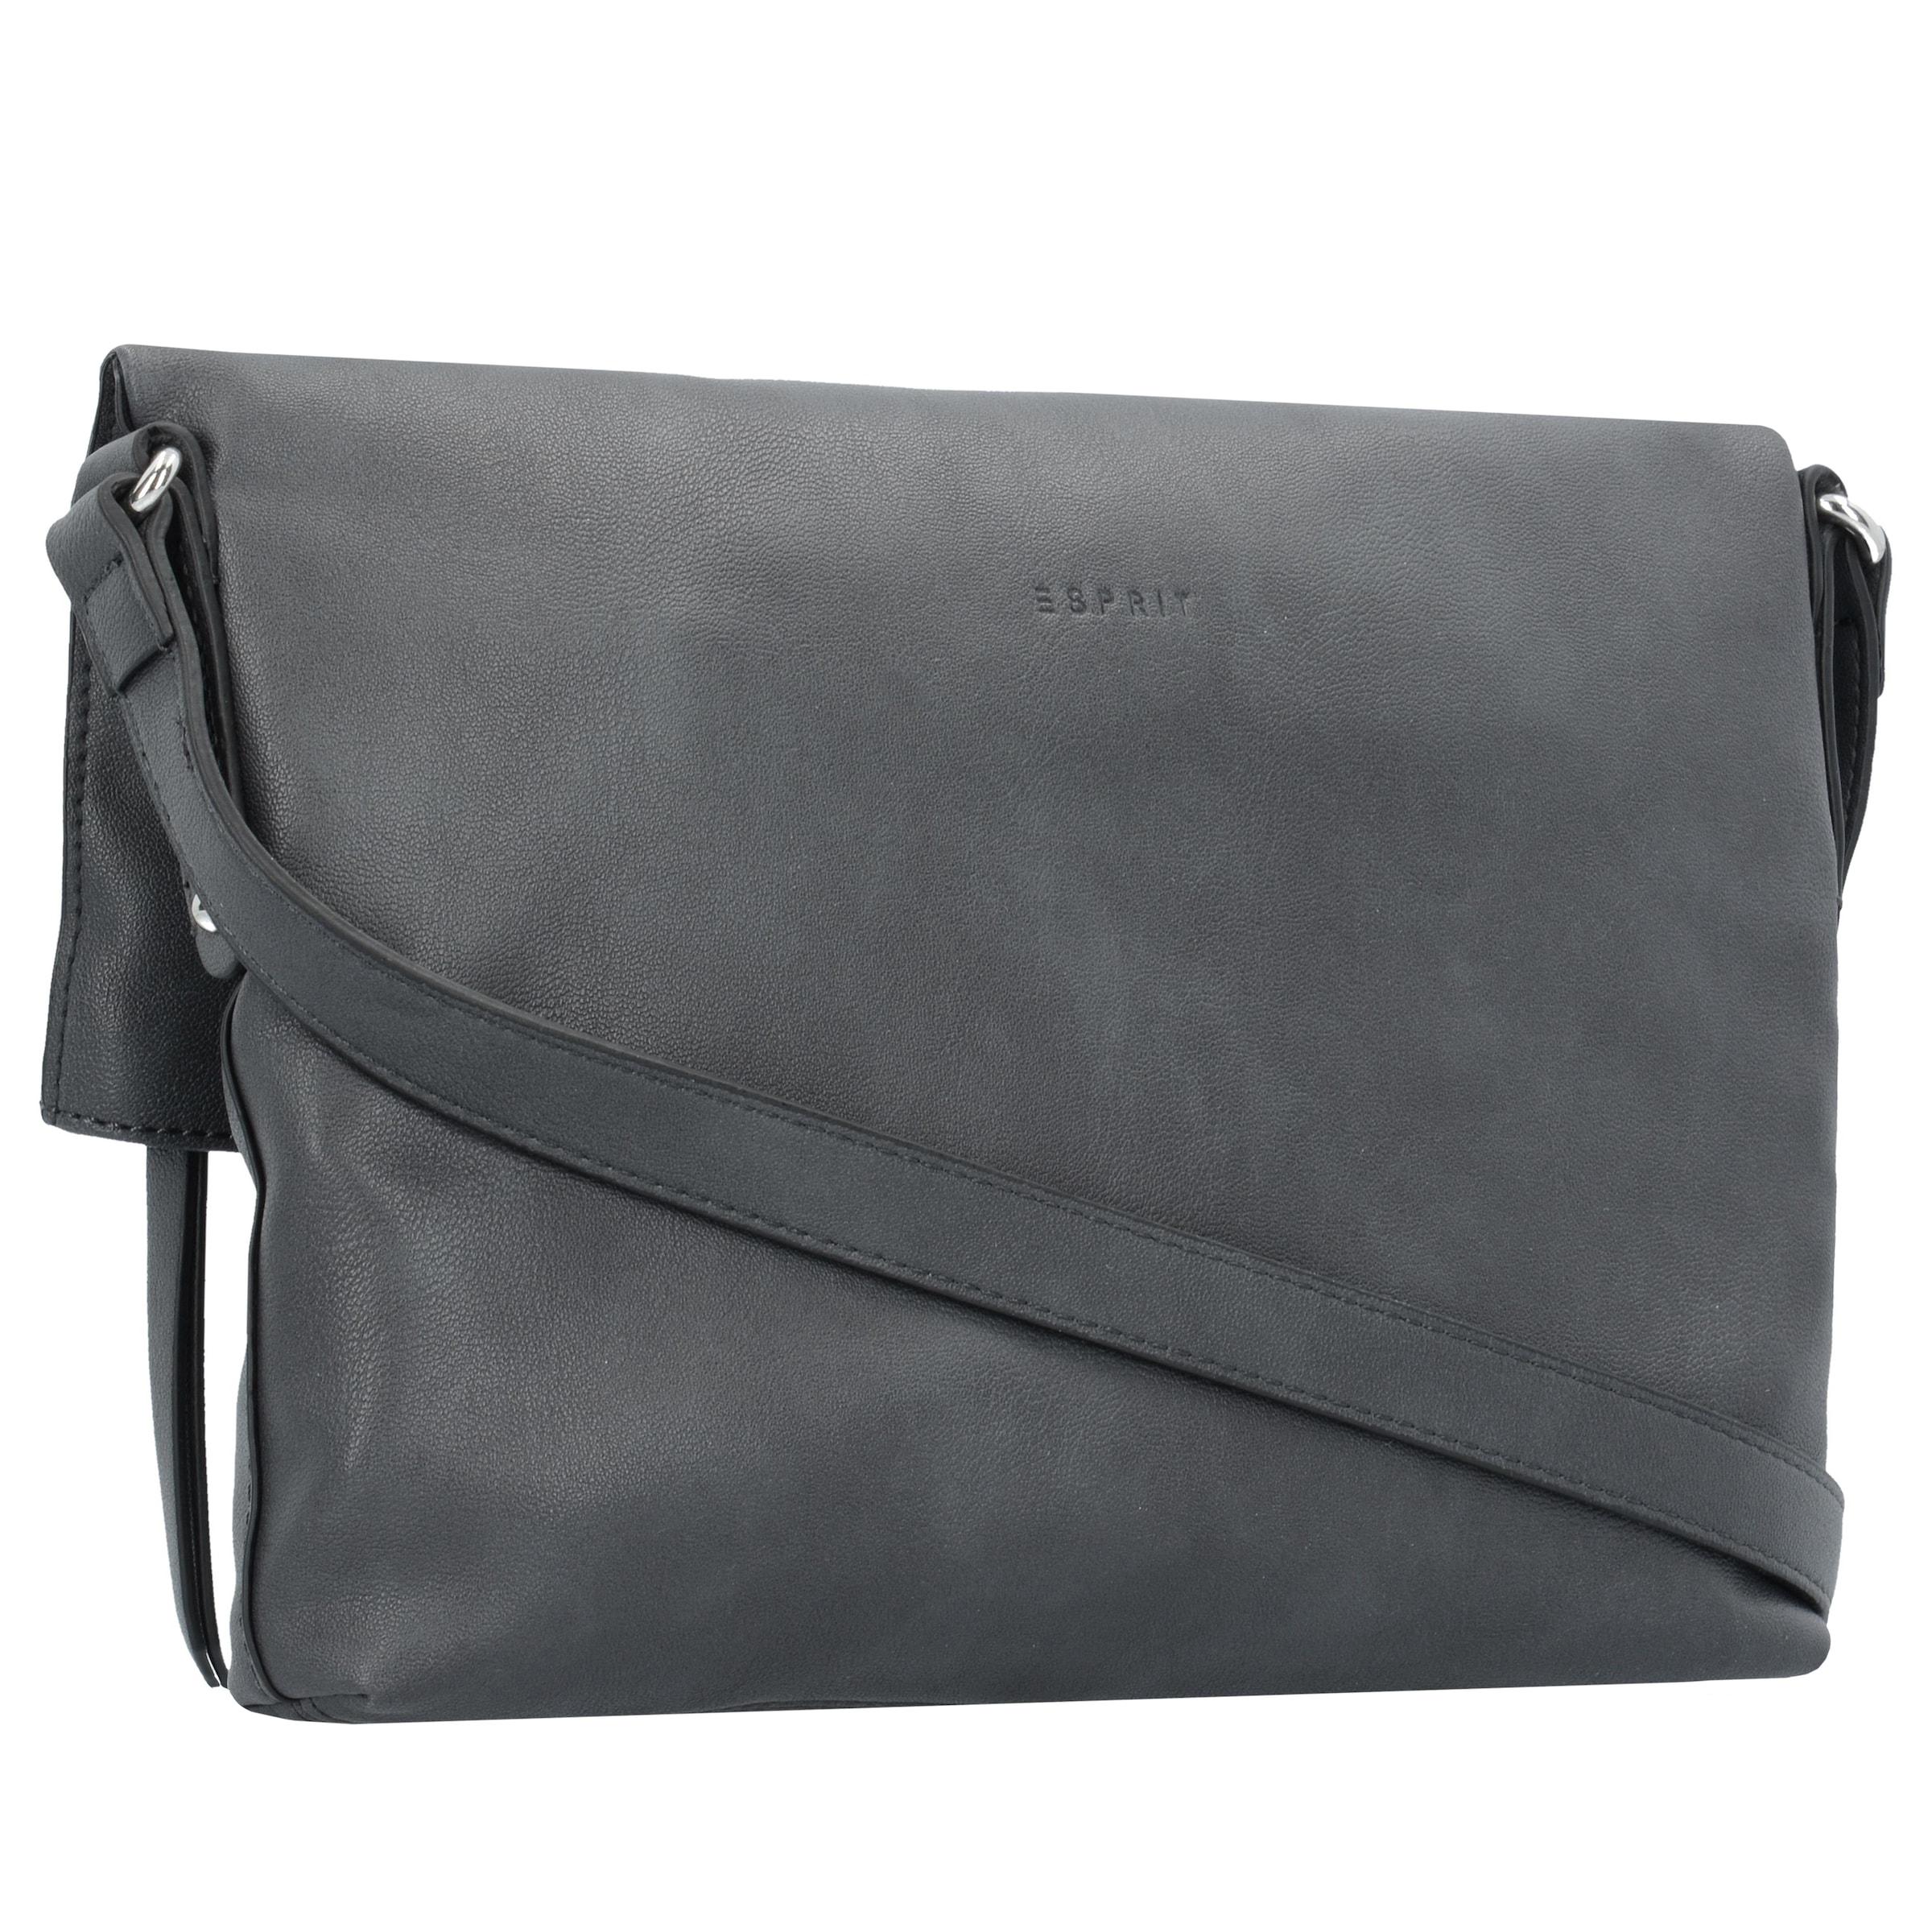 ESPRIT ESPRIT Handtasche Handtasche YYSqPUx